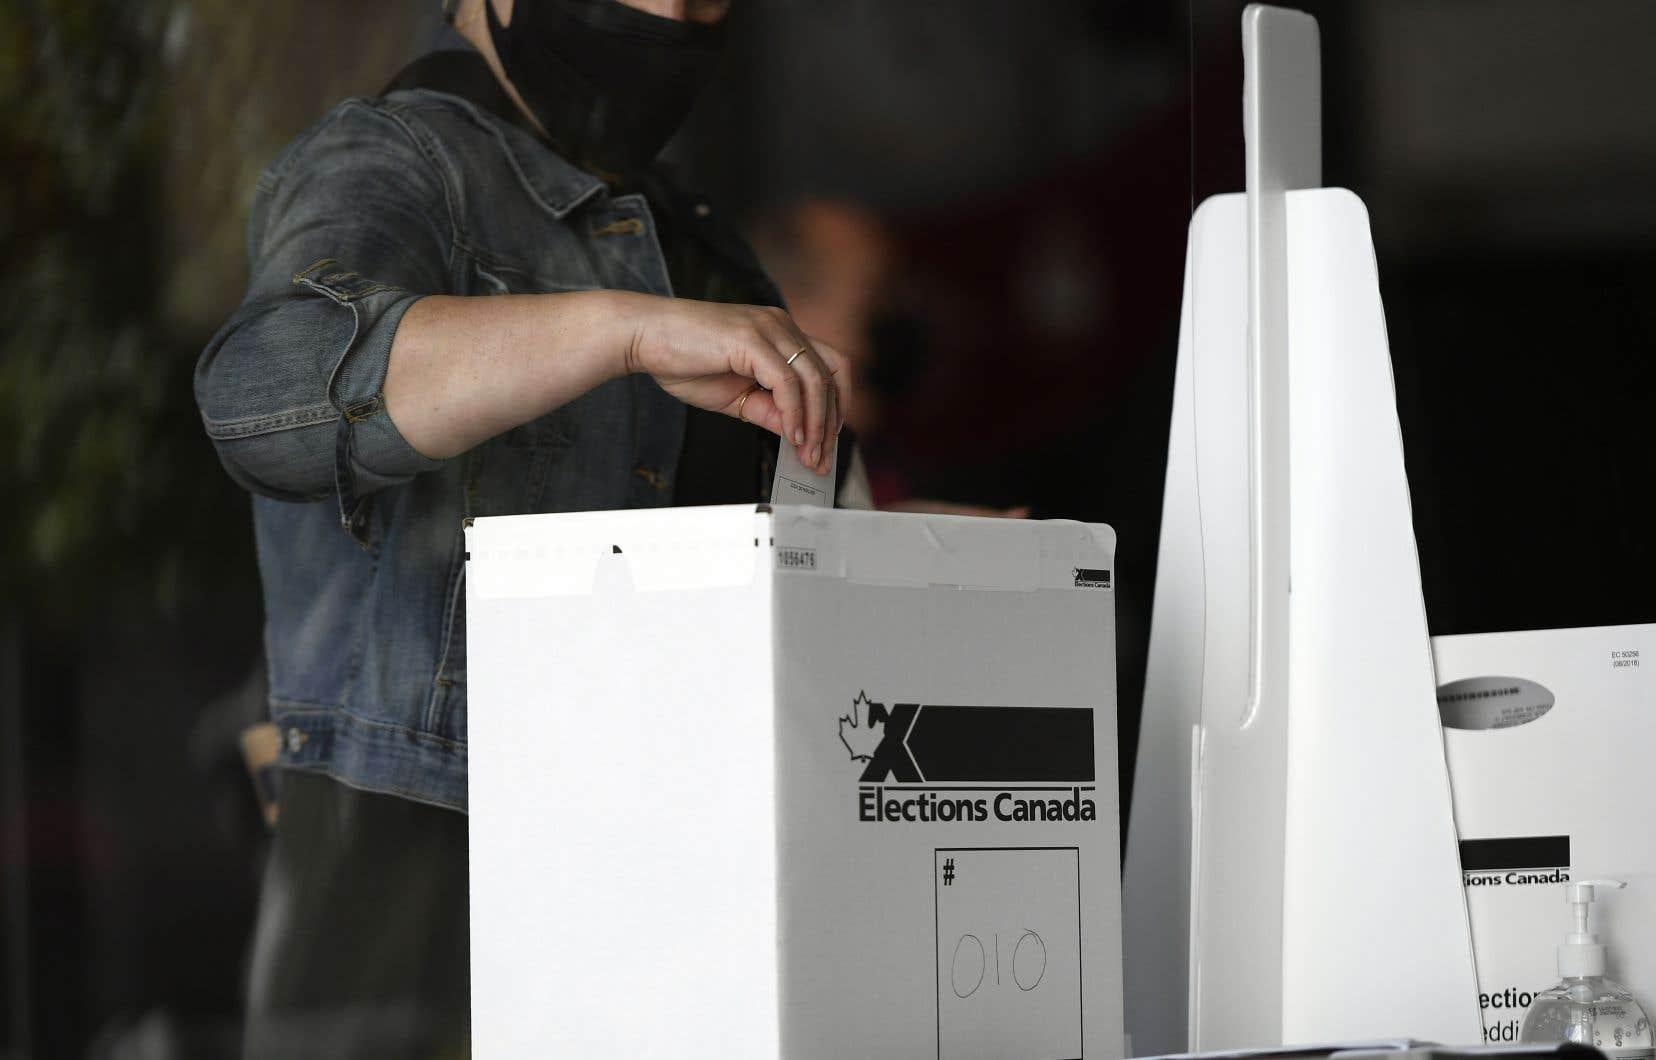 Les délais dans cette partie du dépouillement s'expliquent en partie par la nécessité de vérifier chacune des enveloppes de vote pour éviter les doublons.